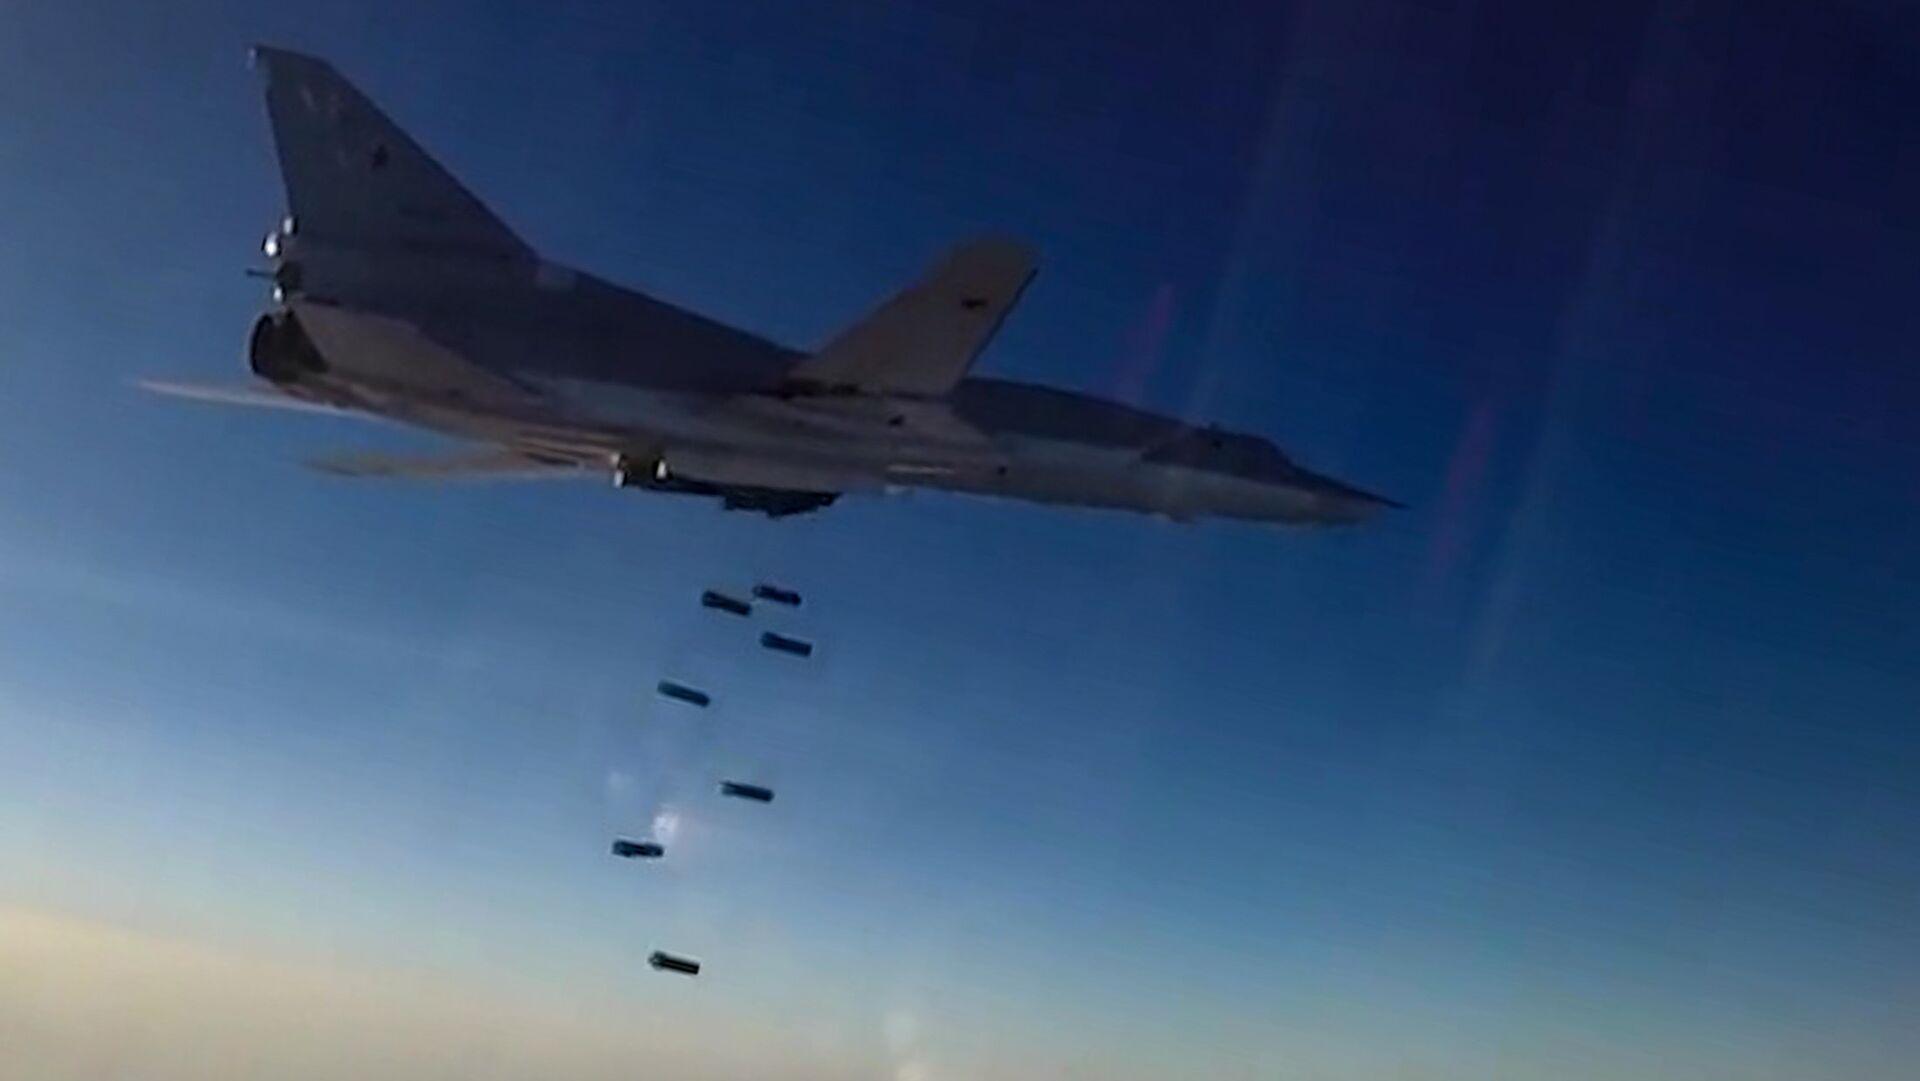 Un avión Tu-22M3 lanza bombas sobre las posiciones de los terroristas en Siria - Sputnik Mundo, 1920, 19.04.2021